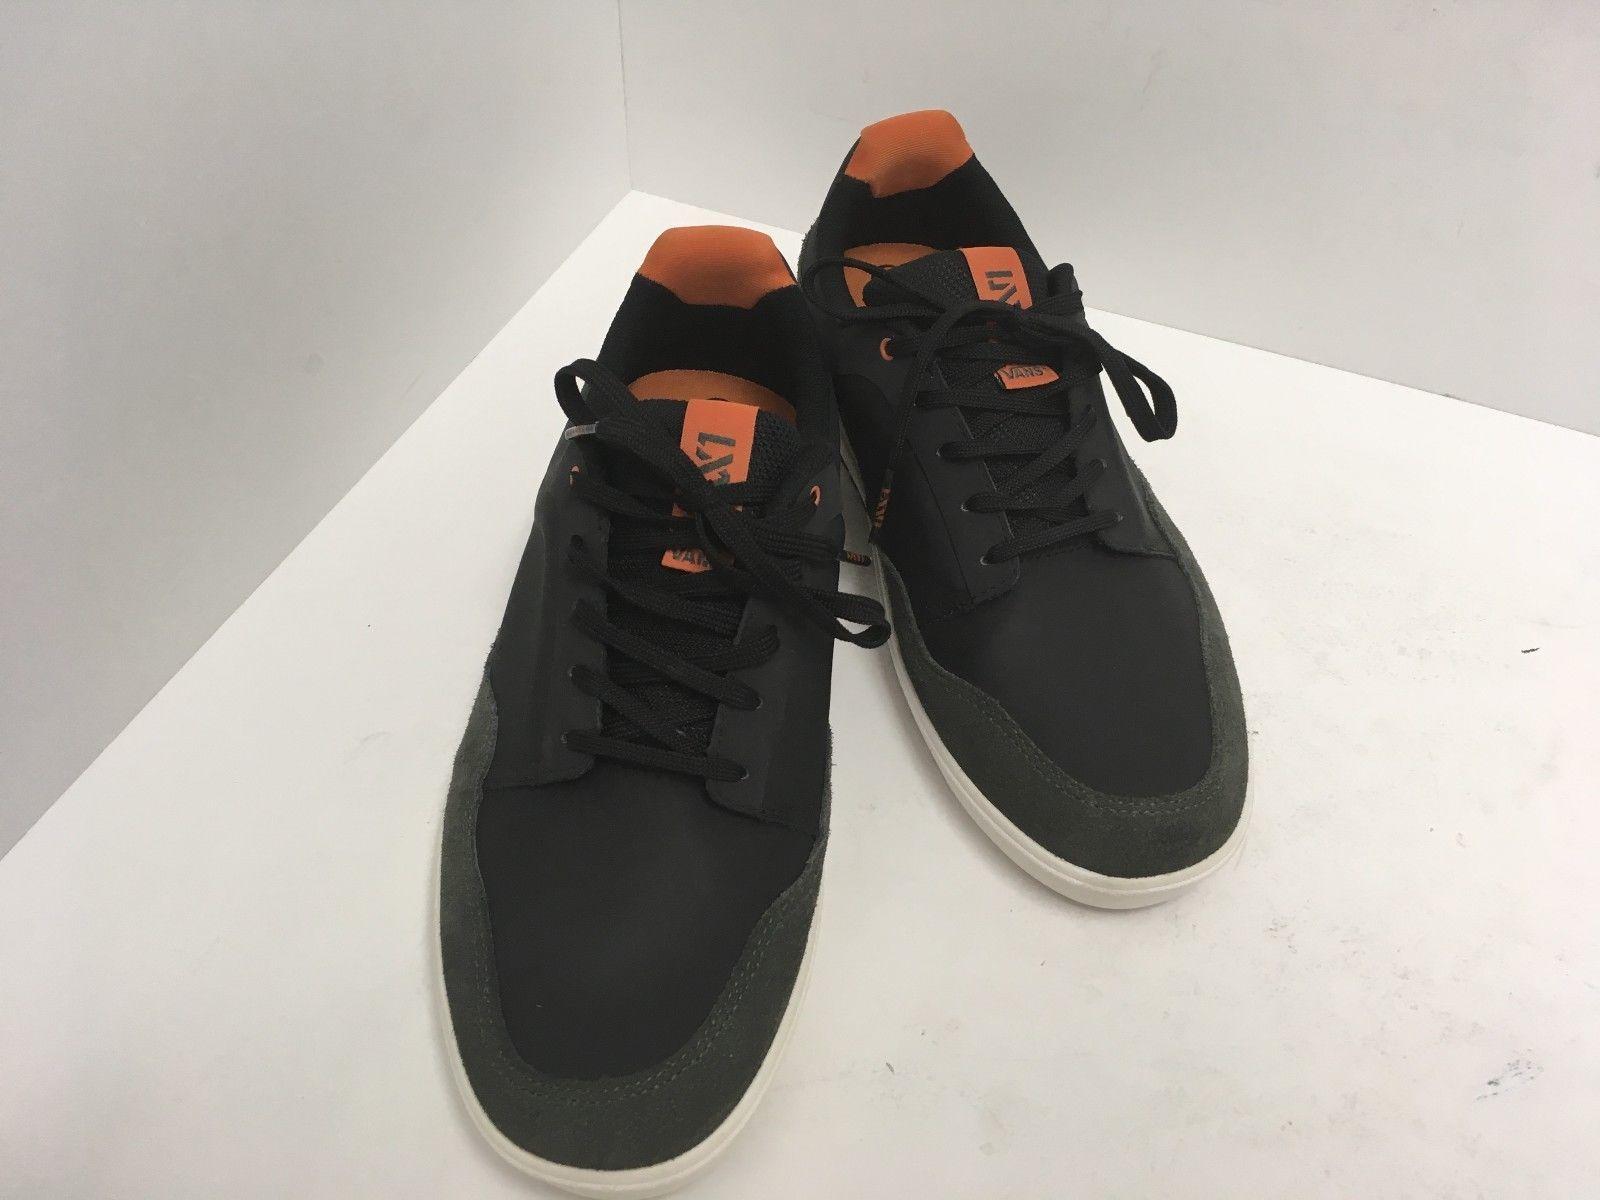 384fece9d747db S l1600. S l1600. Previous. Vans Mens LXVI Inscribe Leather Skateboarding  Shoes Black Orange Size ...